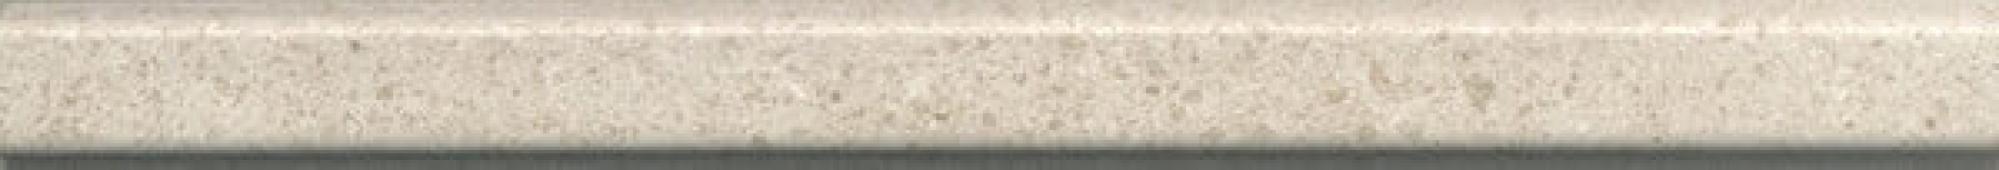 PFH001R Карандаш Безана бежевый обрезной 25*2 бордюр